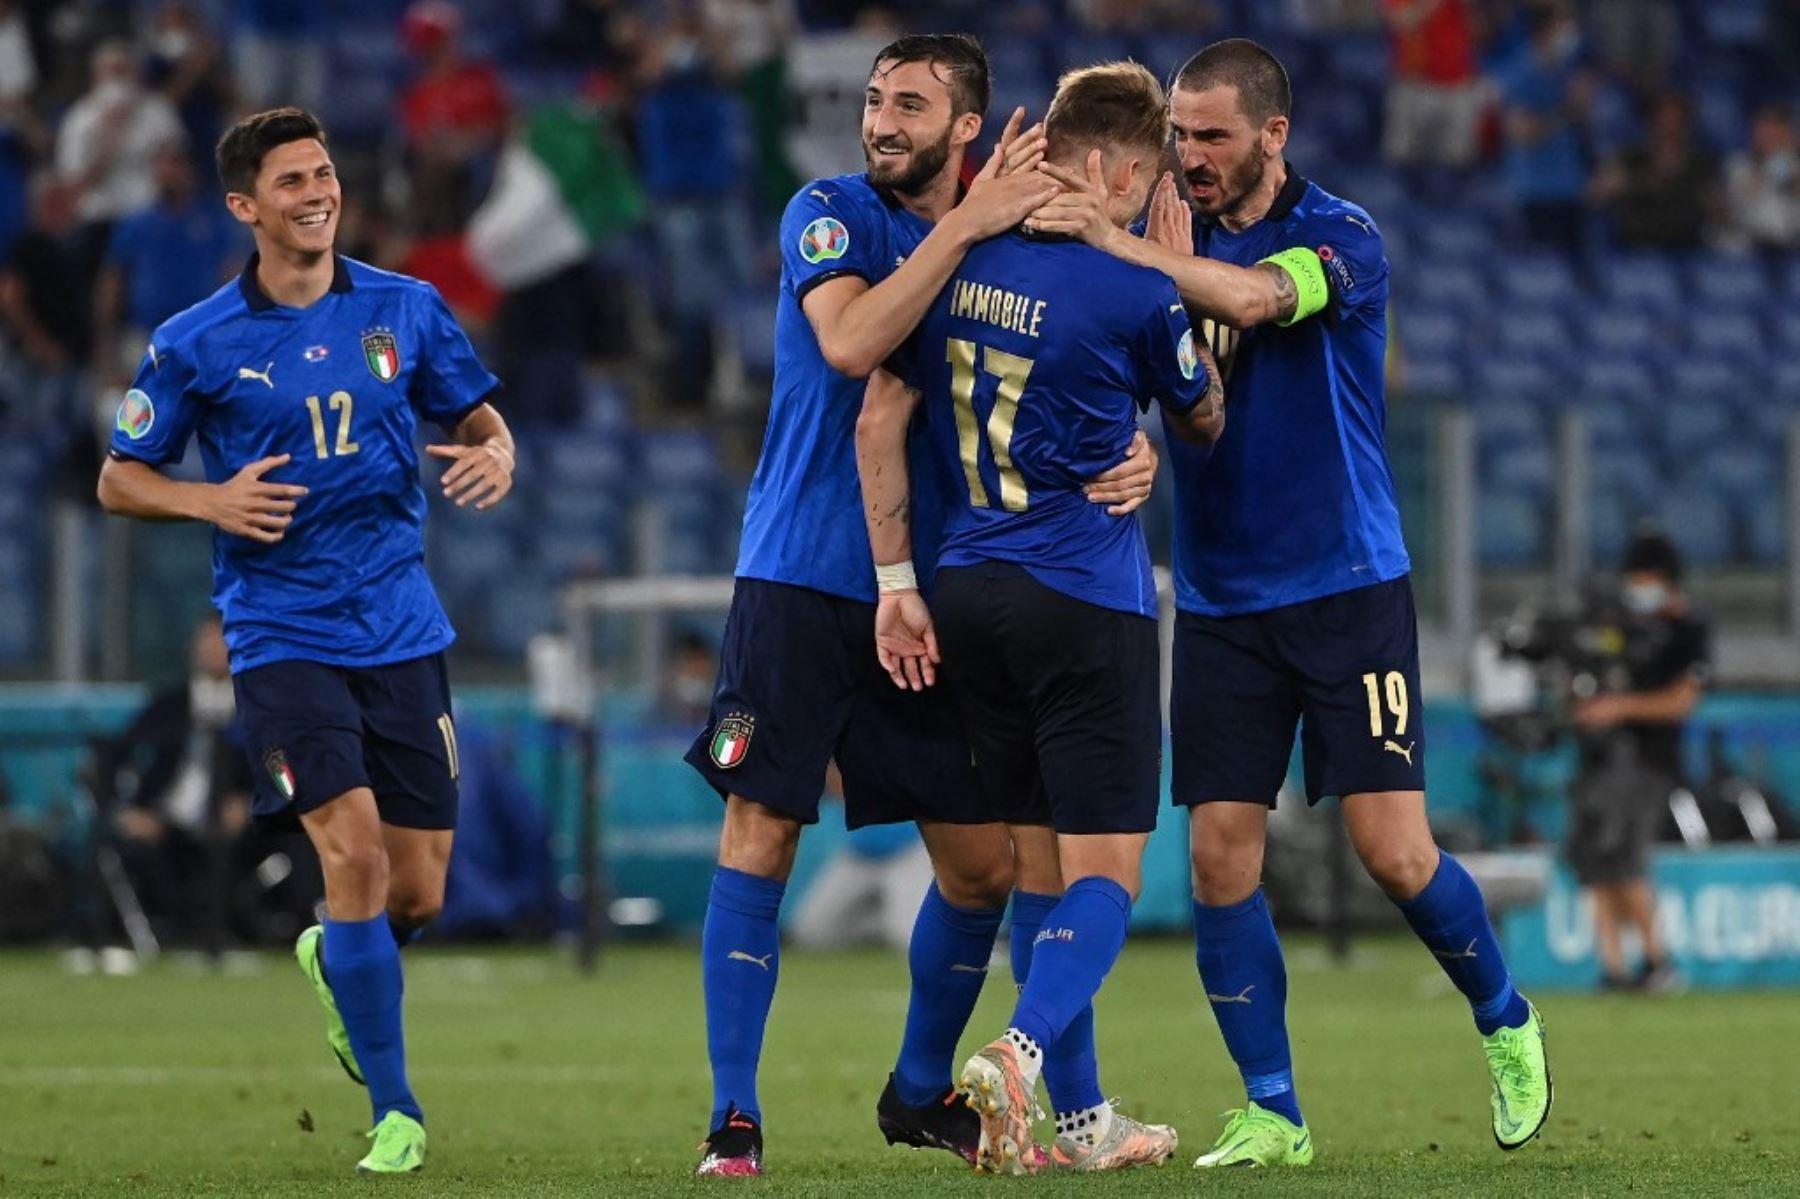 Italia vuelve a demostrar que es uno de los favoritos de la Eurocopa 2020 al vencer 3-0 a Suiza.